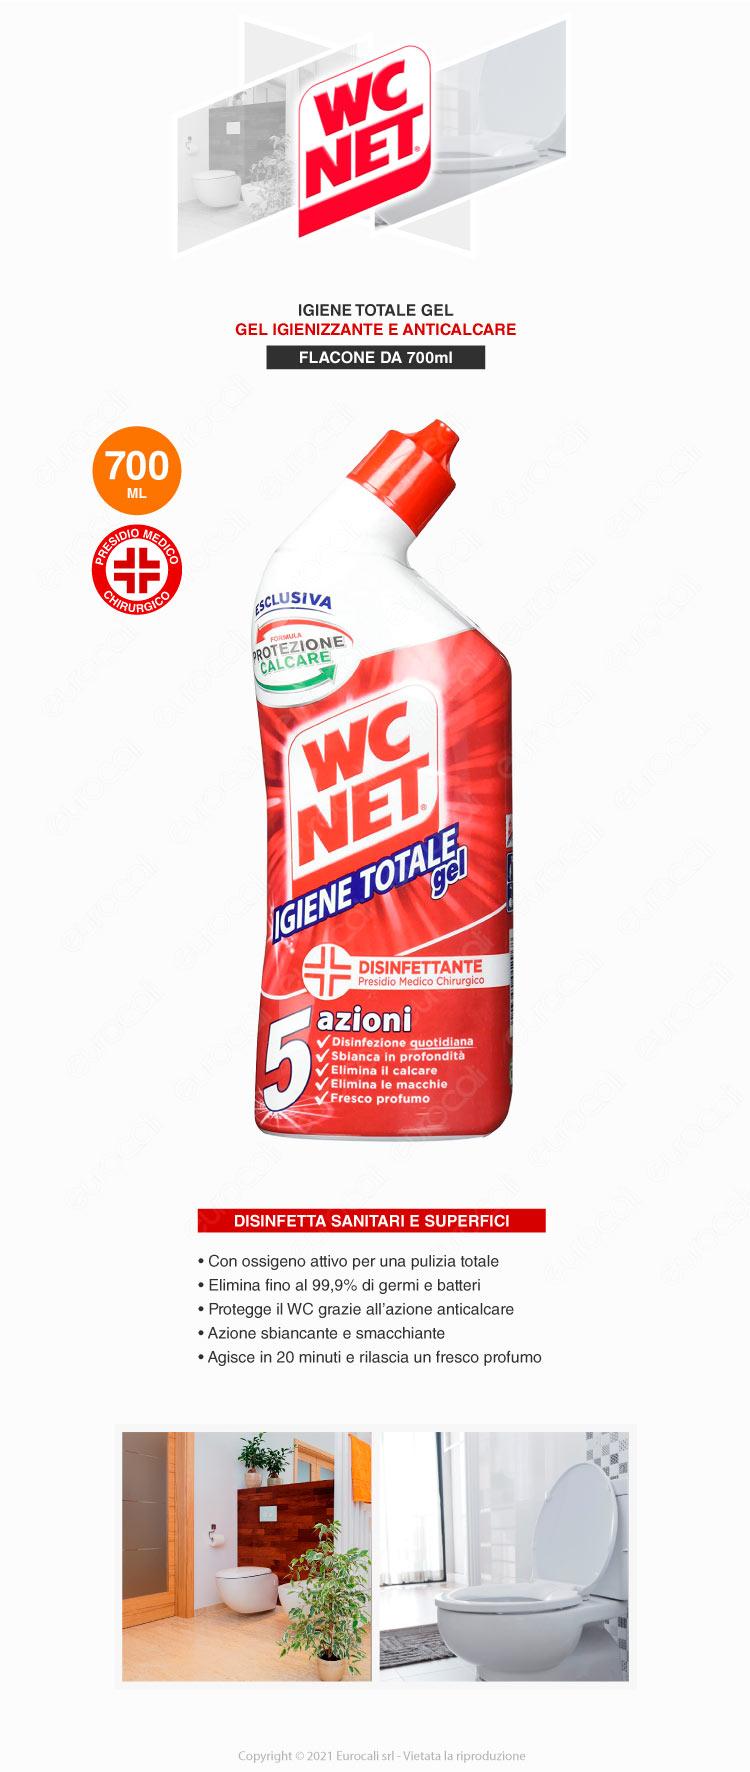 wc net igiene totale gel